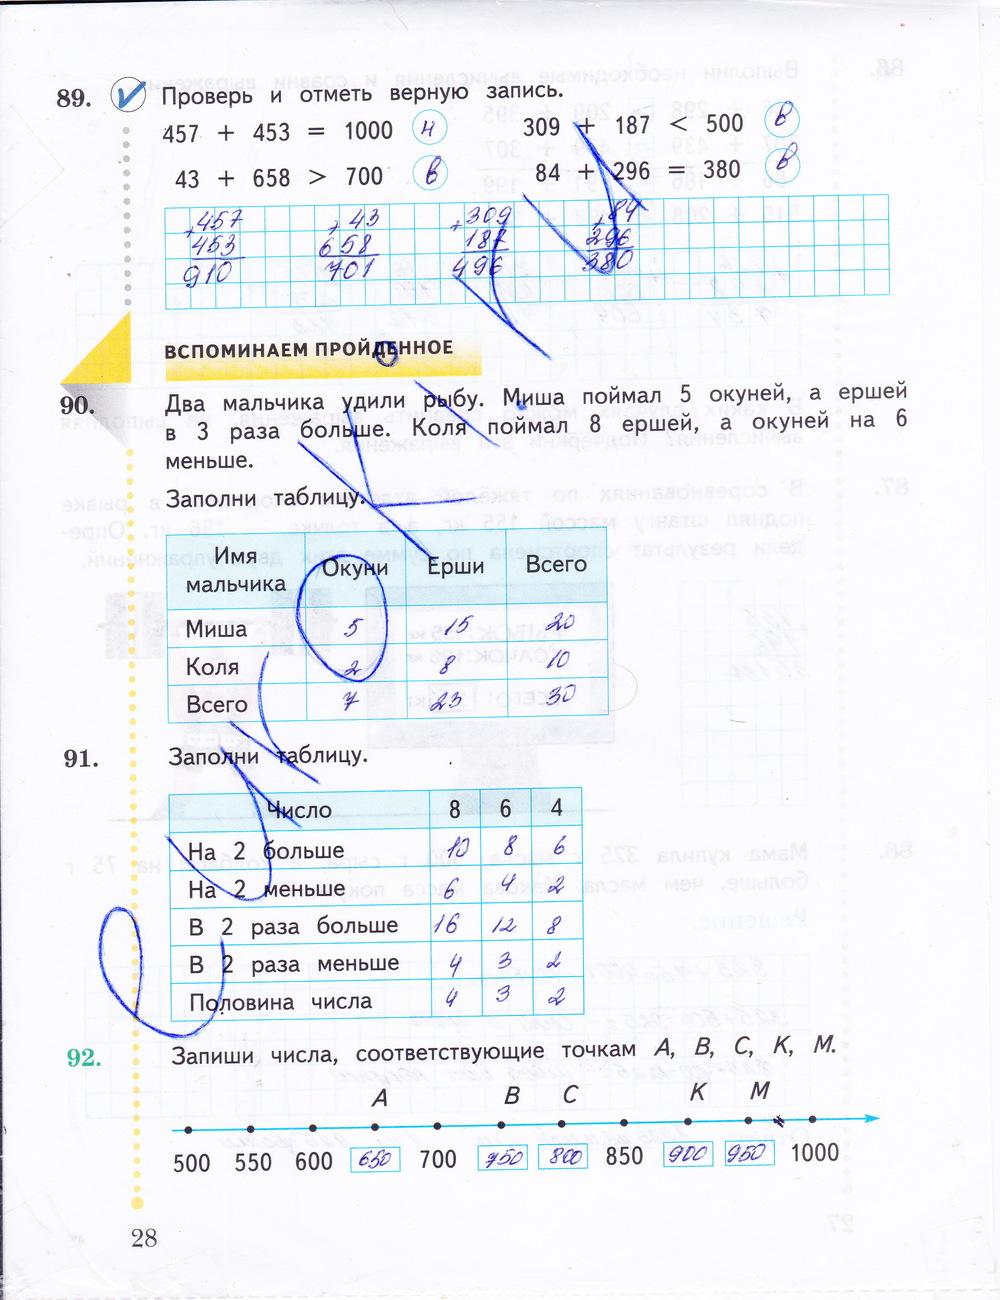 Рабочая тетрадь по математике 1 класс вентана граф ответы часть 3 решебник